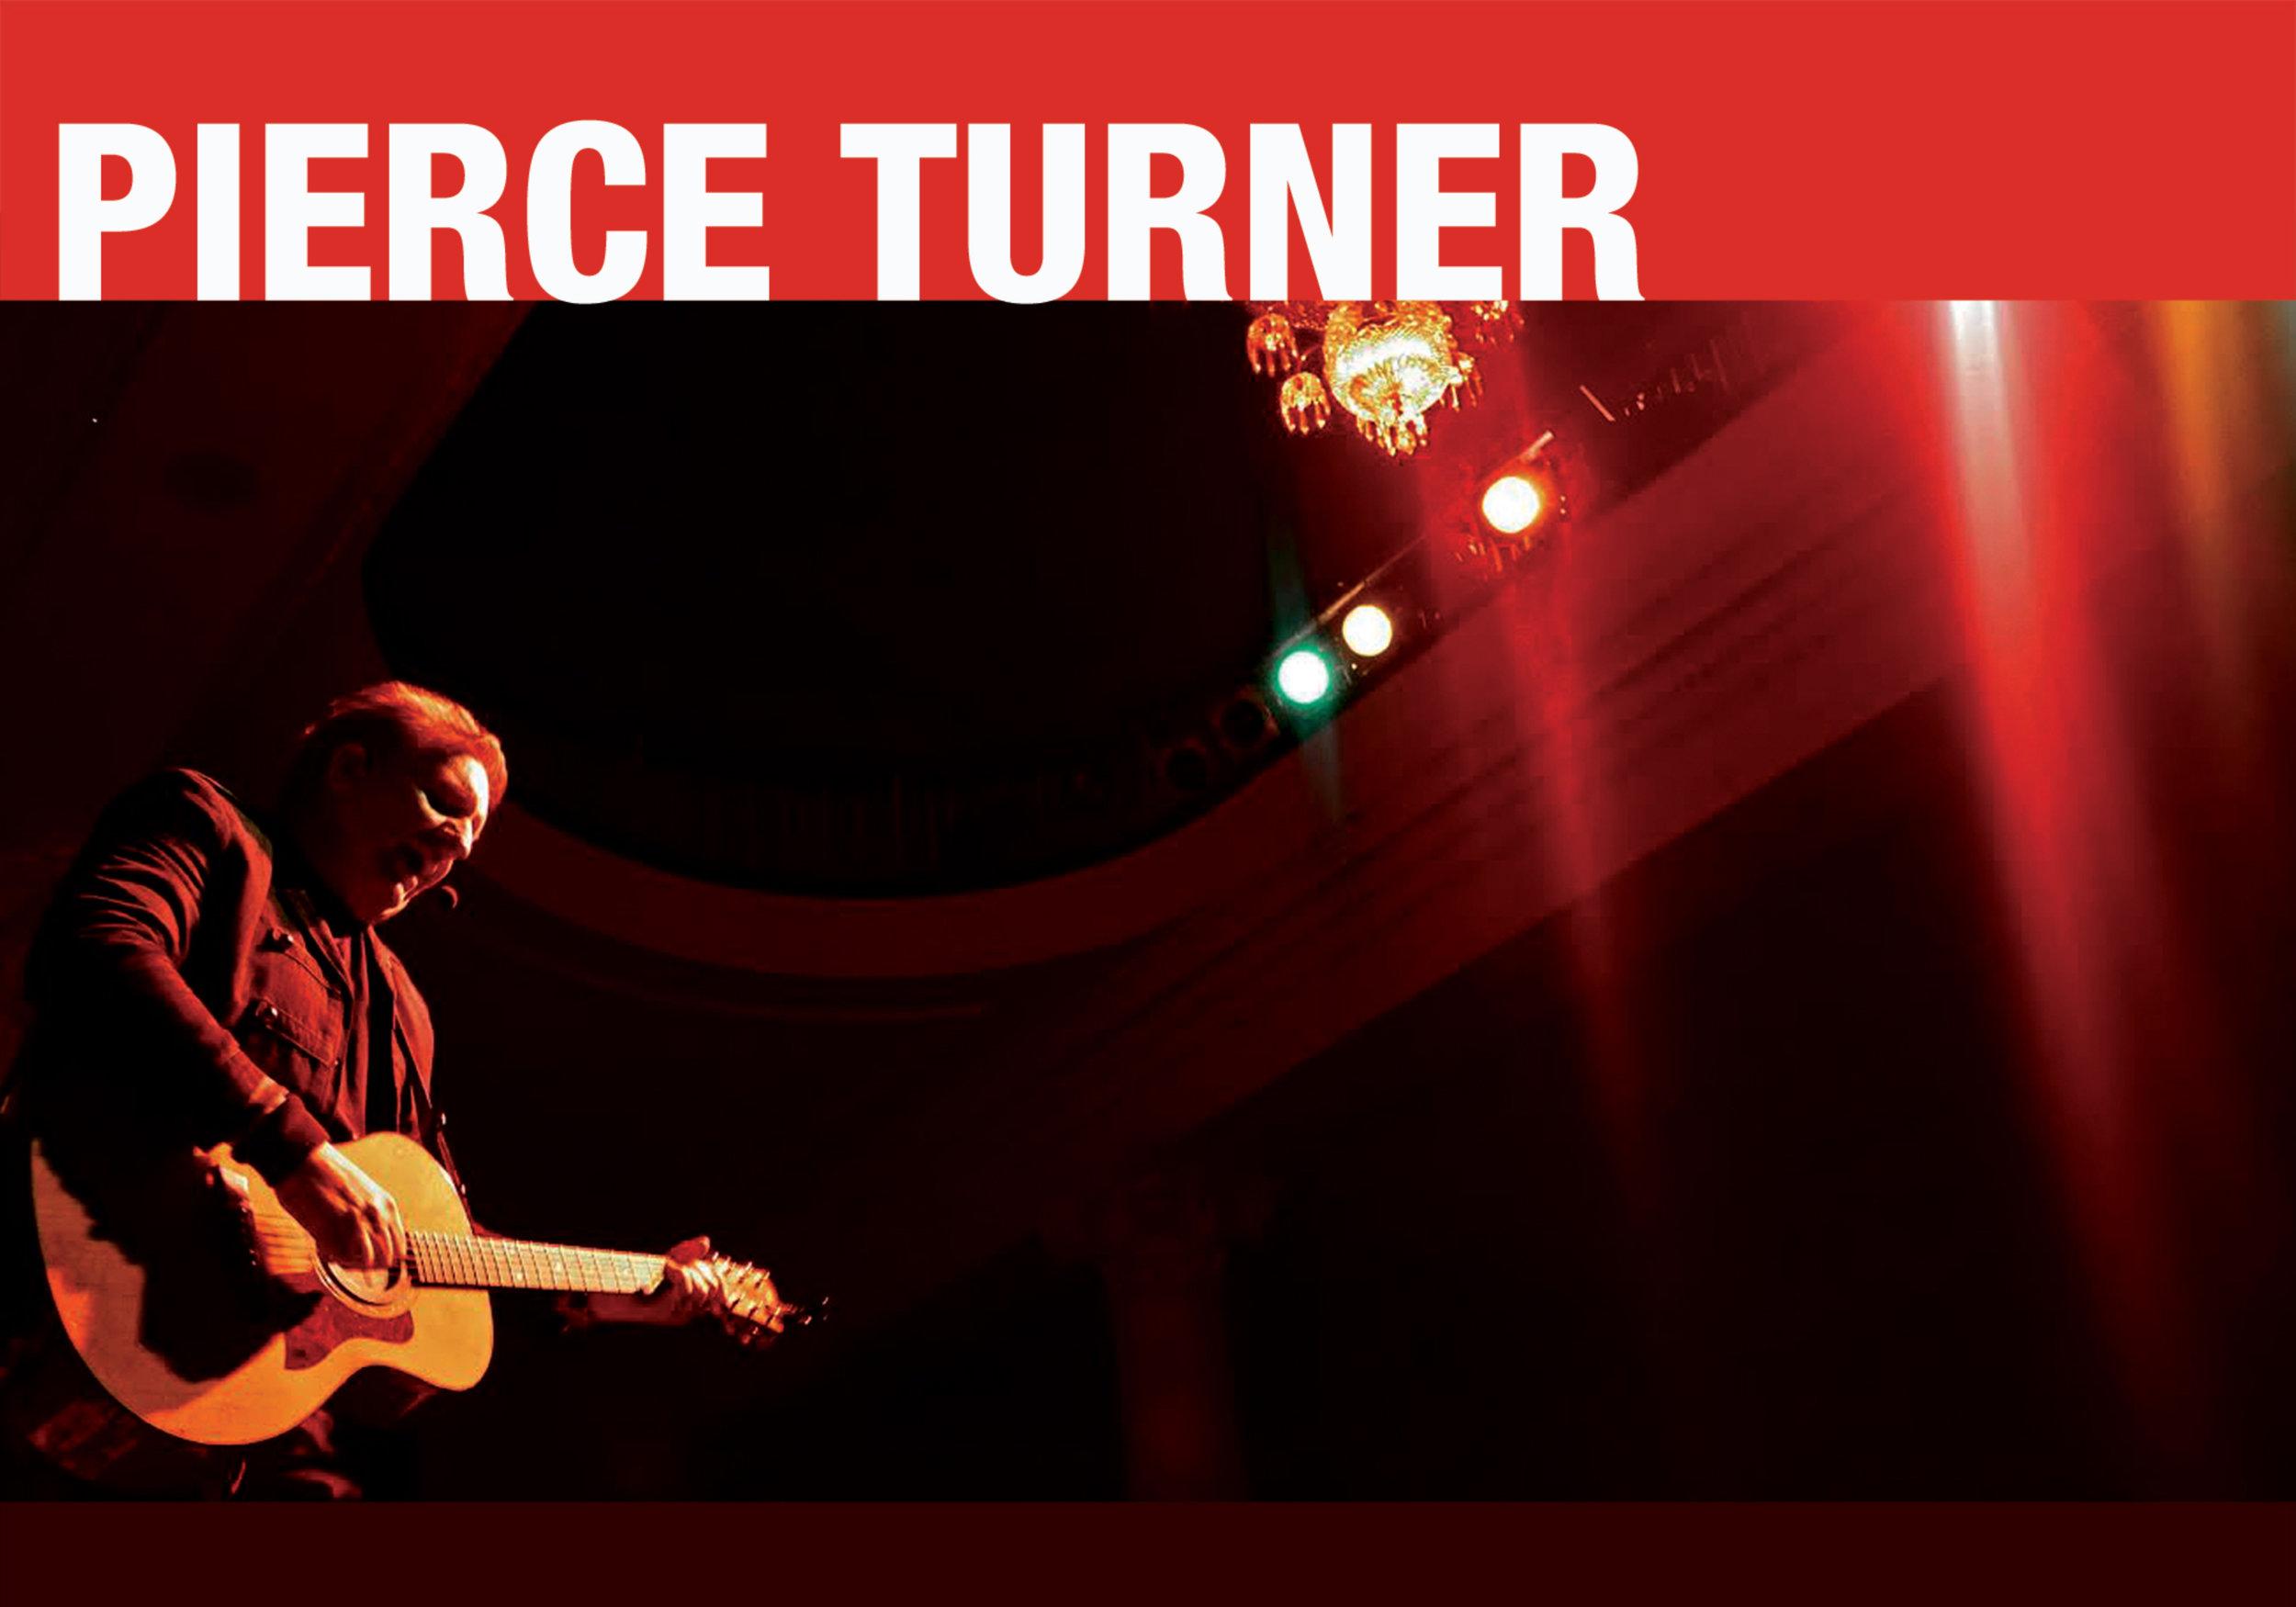 Pierce-Turner-Image-2.jpg